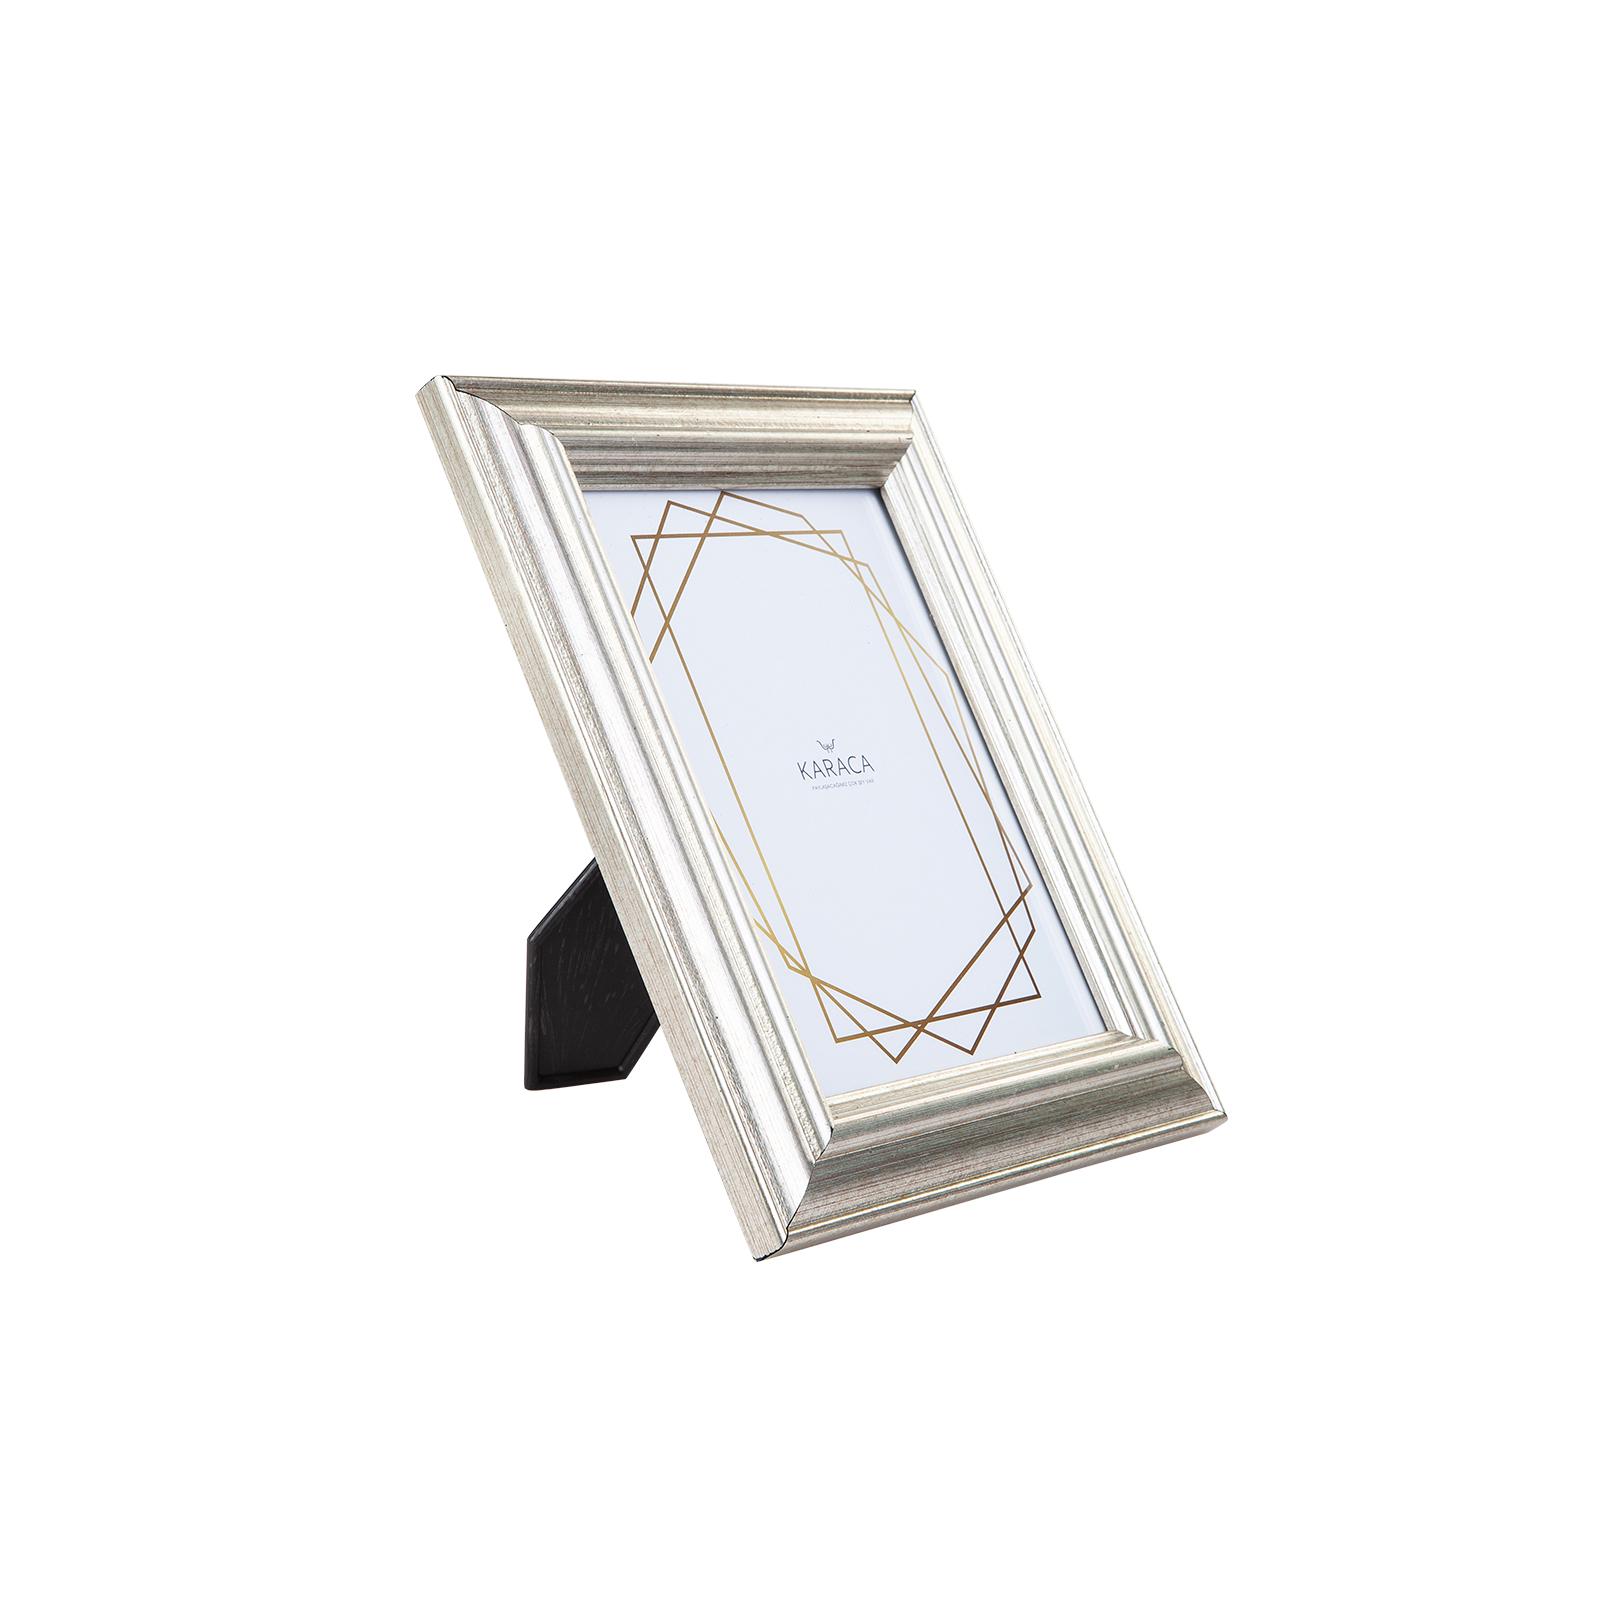 Karaca Fiona Fotoğraf çerçevesi 13x18 cm Gümüş